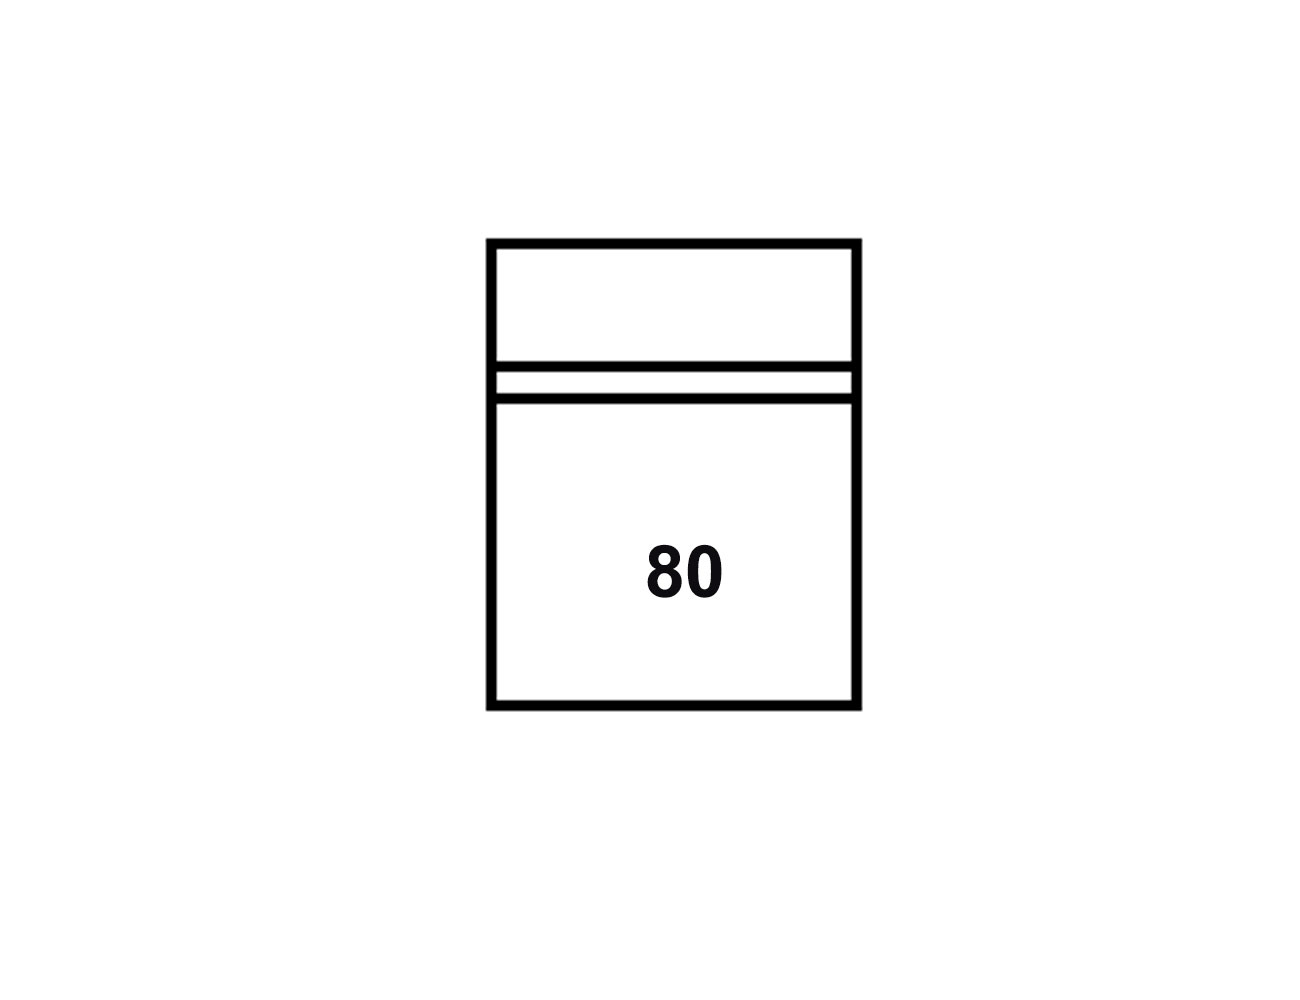 Modulo 1p 805